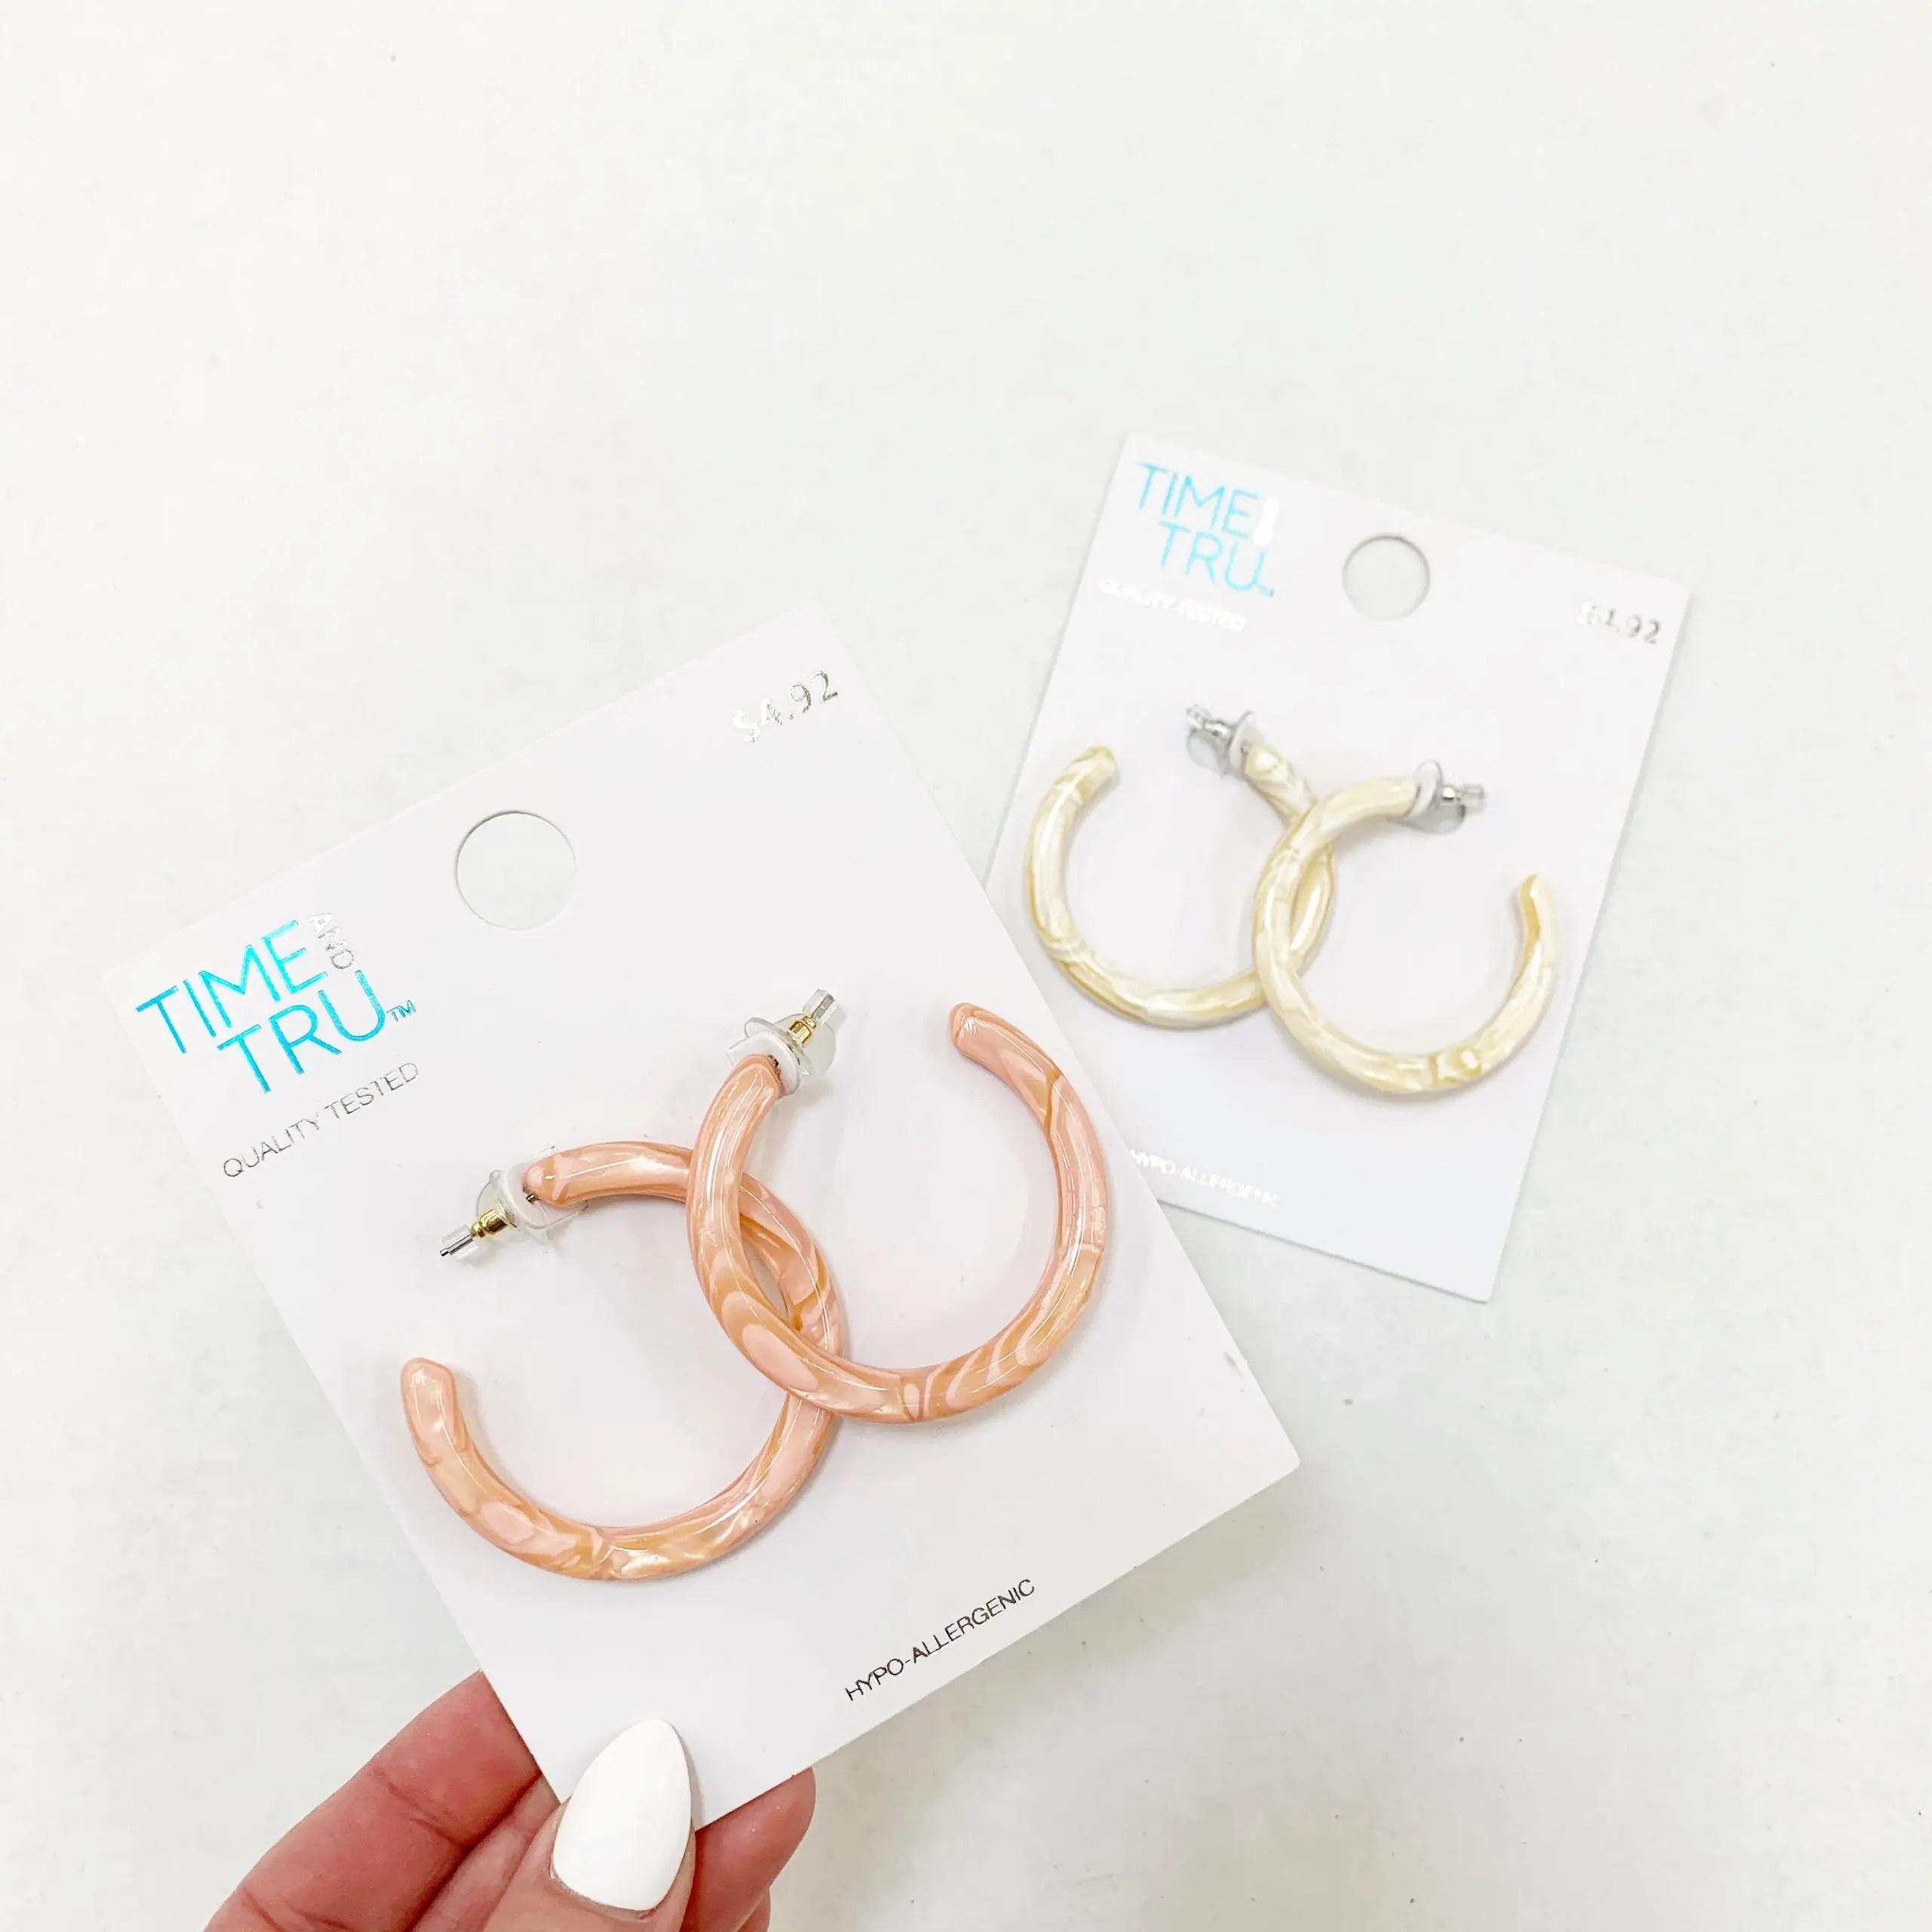 time and tru marbled resin hoop earrings